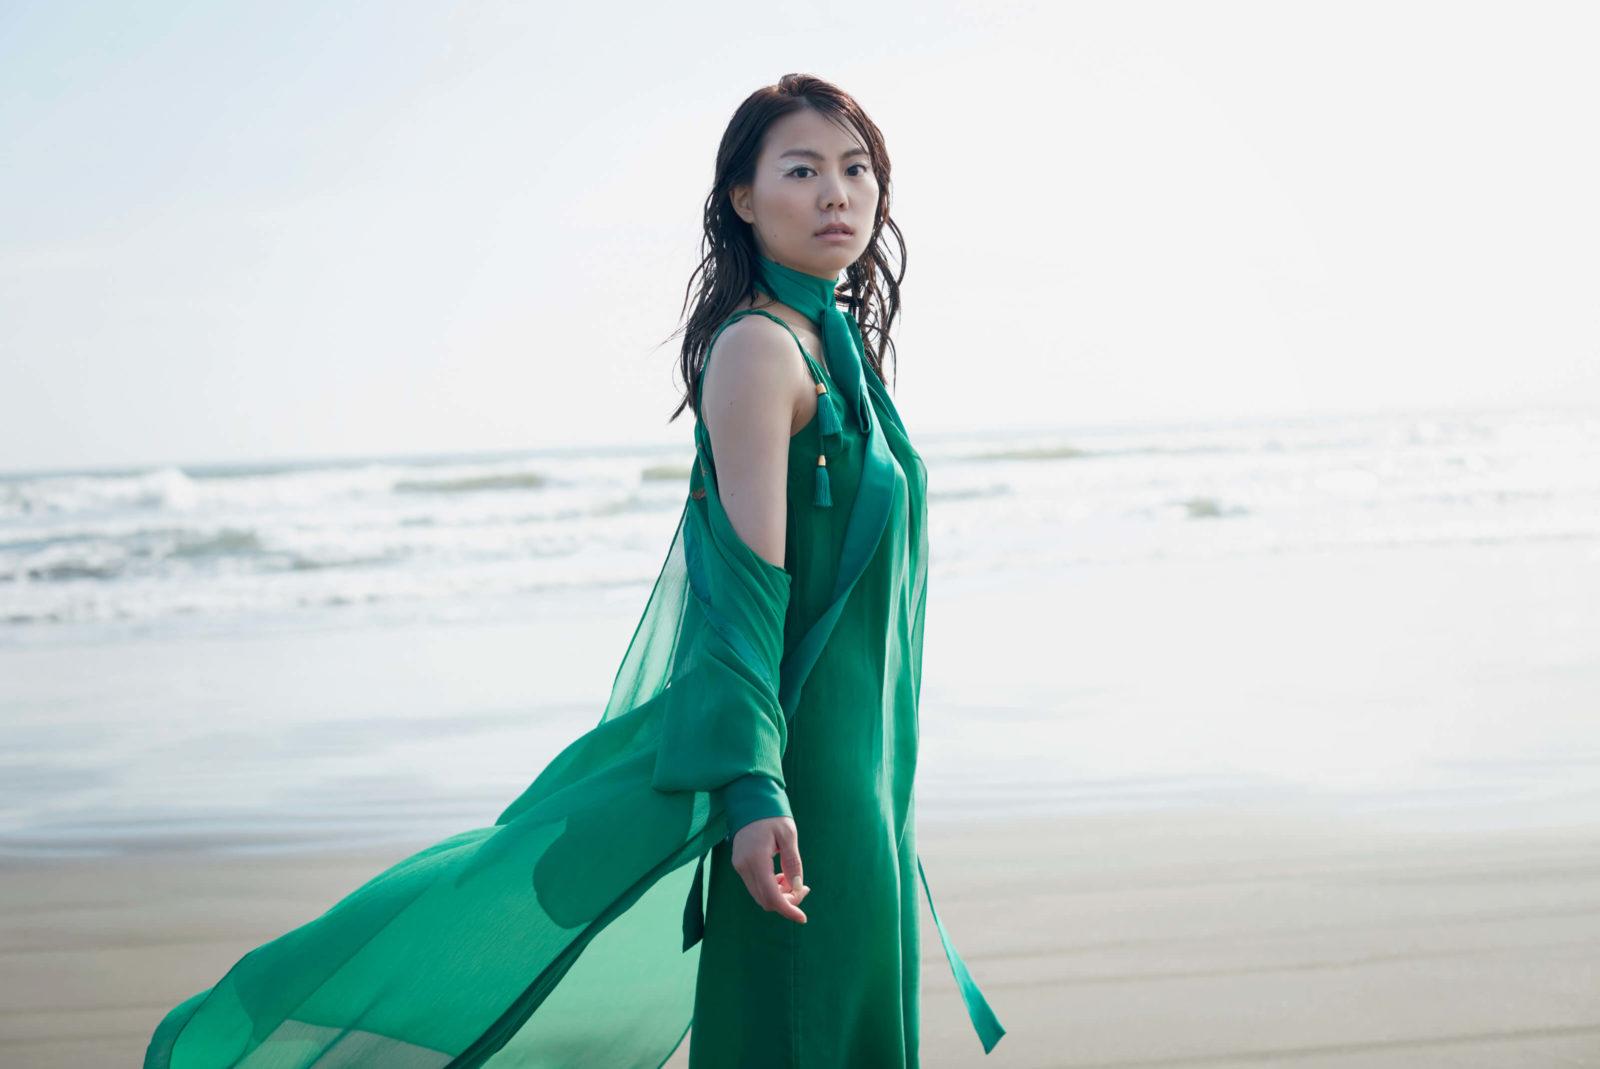 THE SxPLAY(菅原紗由理)、新曲「君とこの空の下で」先行配信スタート&ティーザー映像、アルバムトレイラー映像も公開サムネイル画像